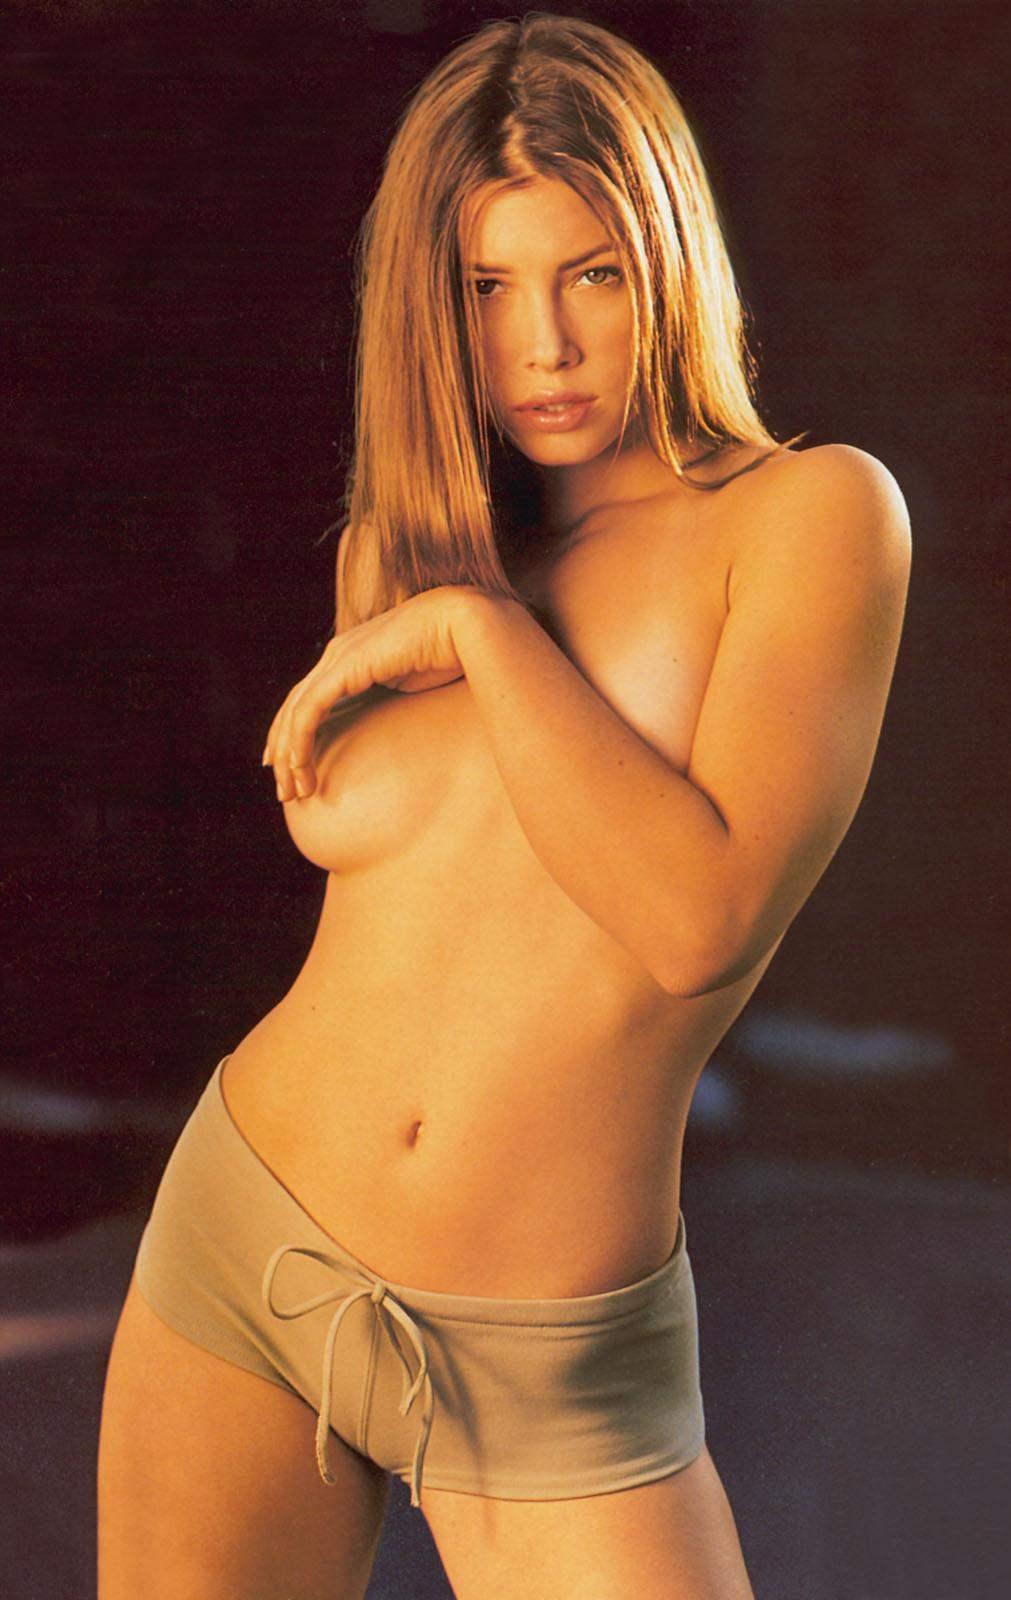 topless Jessica biel